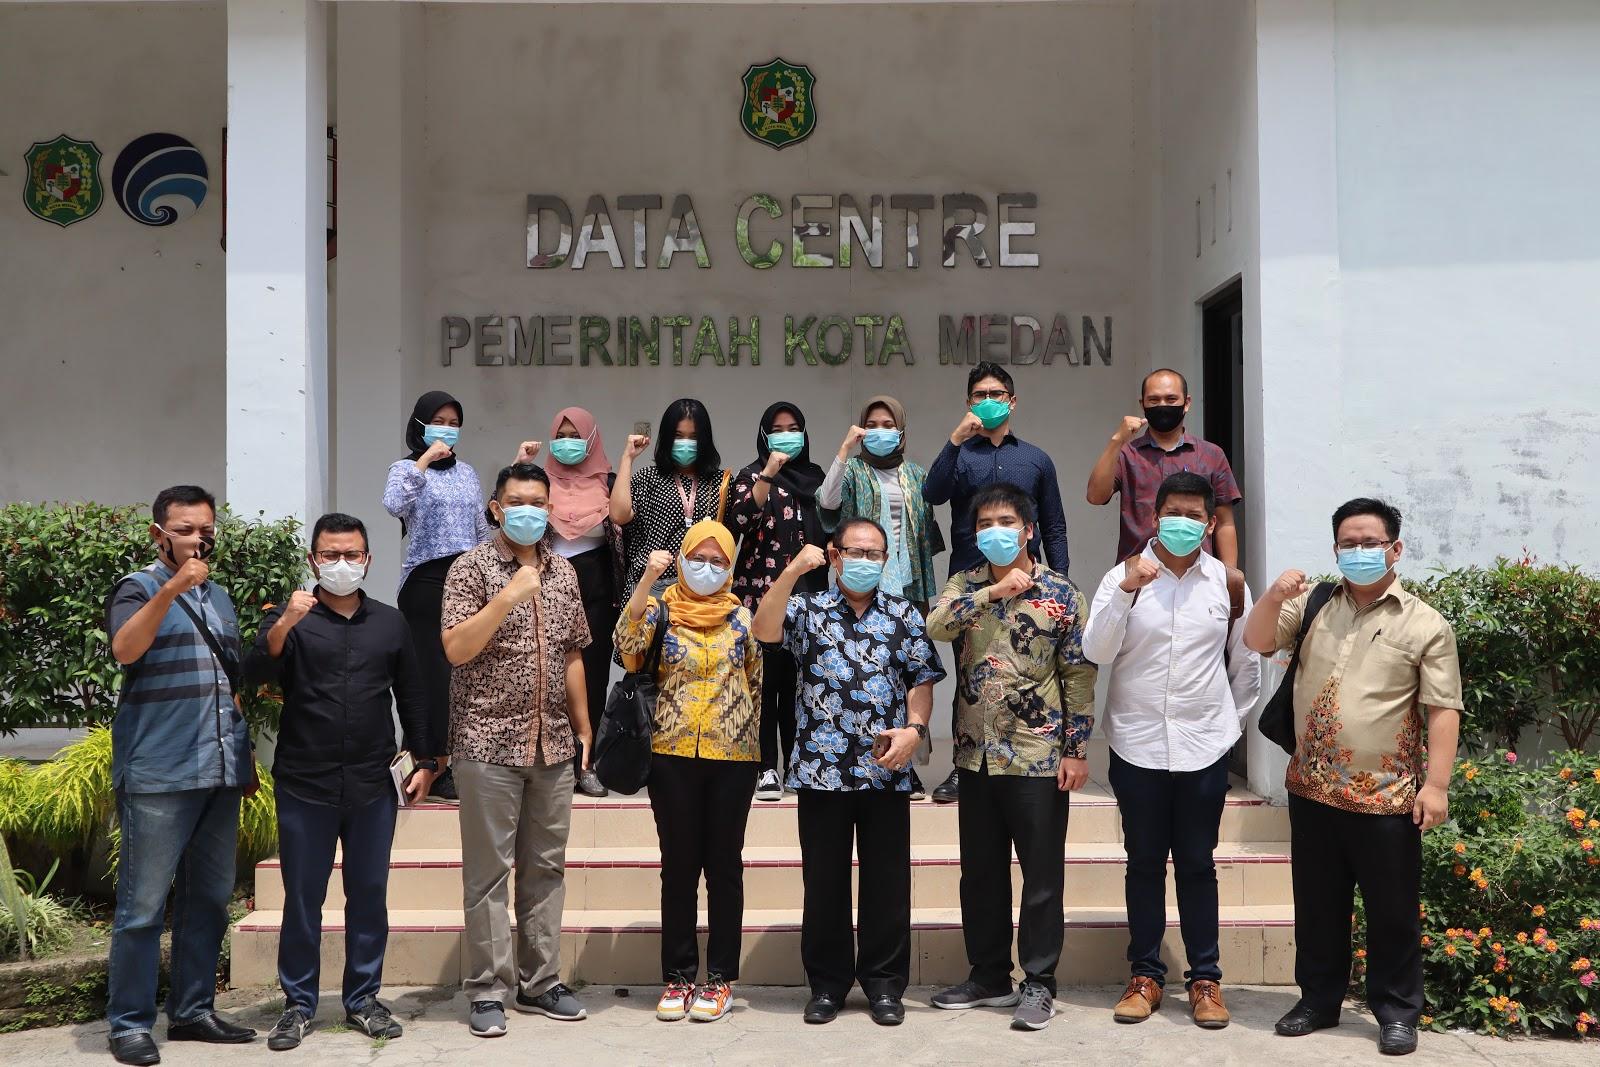 Percepatan Satu Data Indonesia, Portal Satu Data Kota Medan Berhasil Diintegrasikan